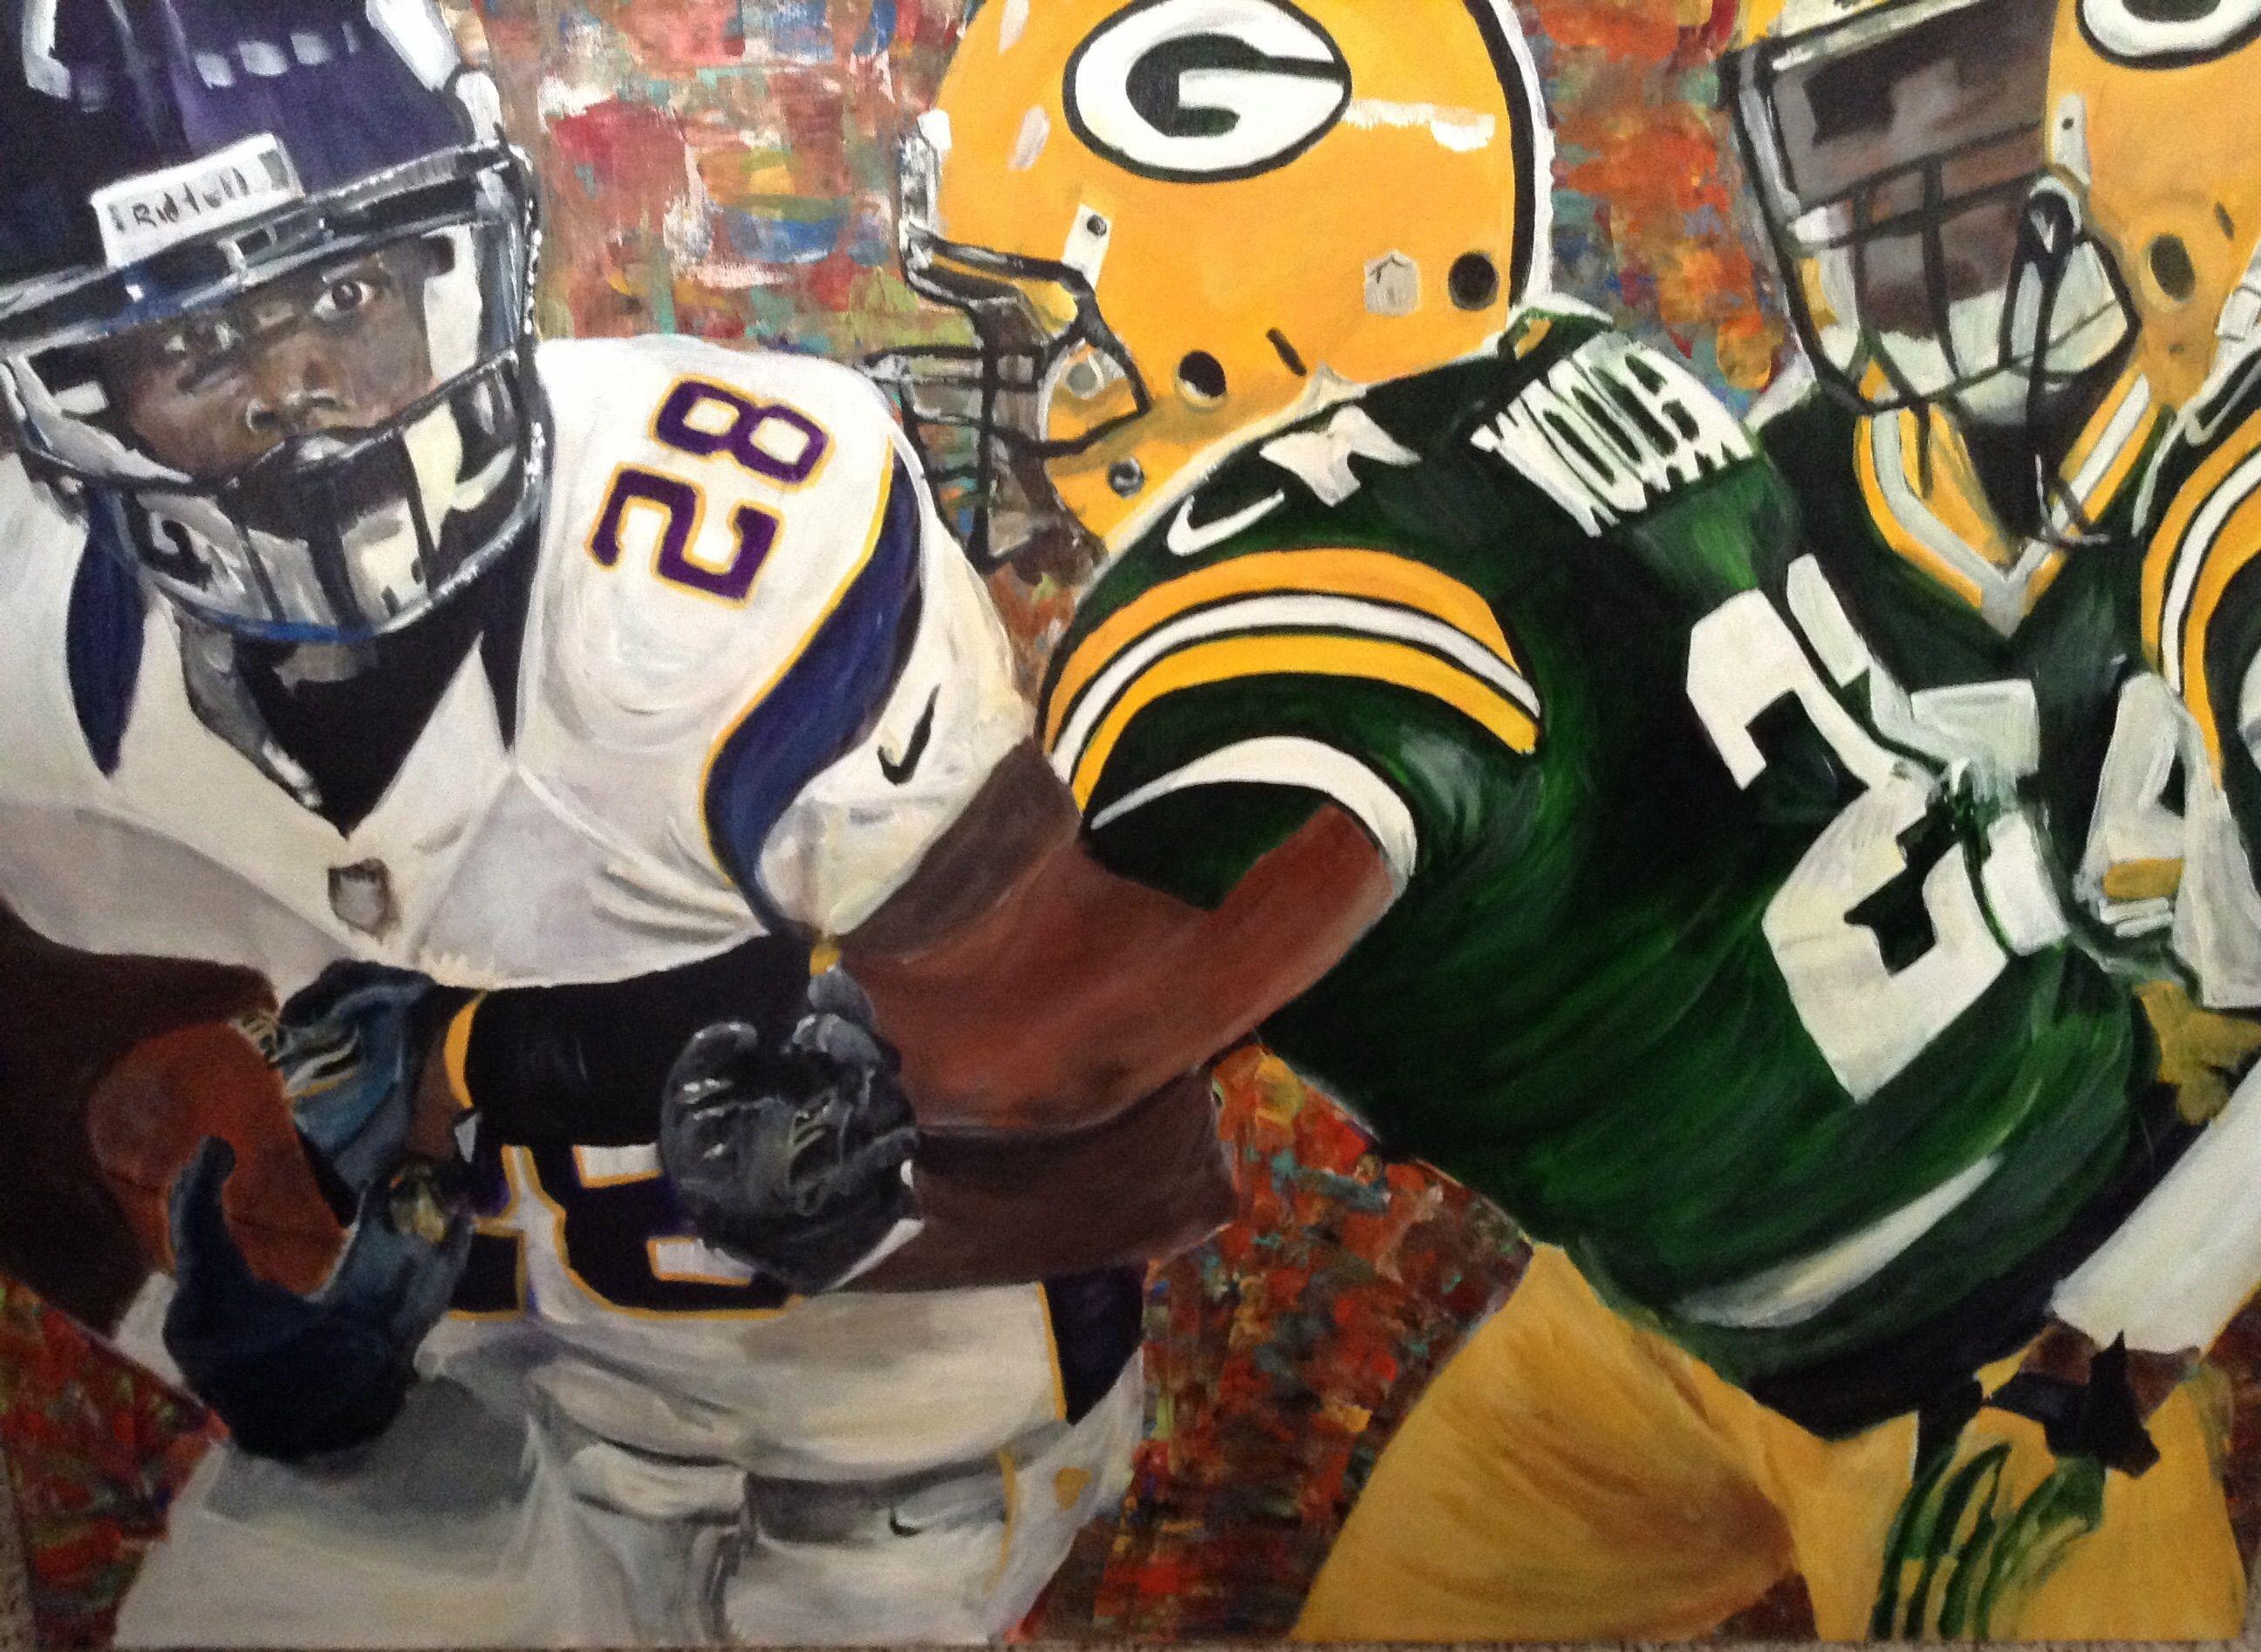 Vikings Versus Green Bay Packers